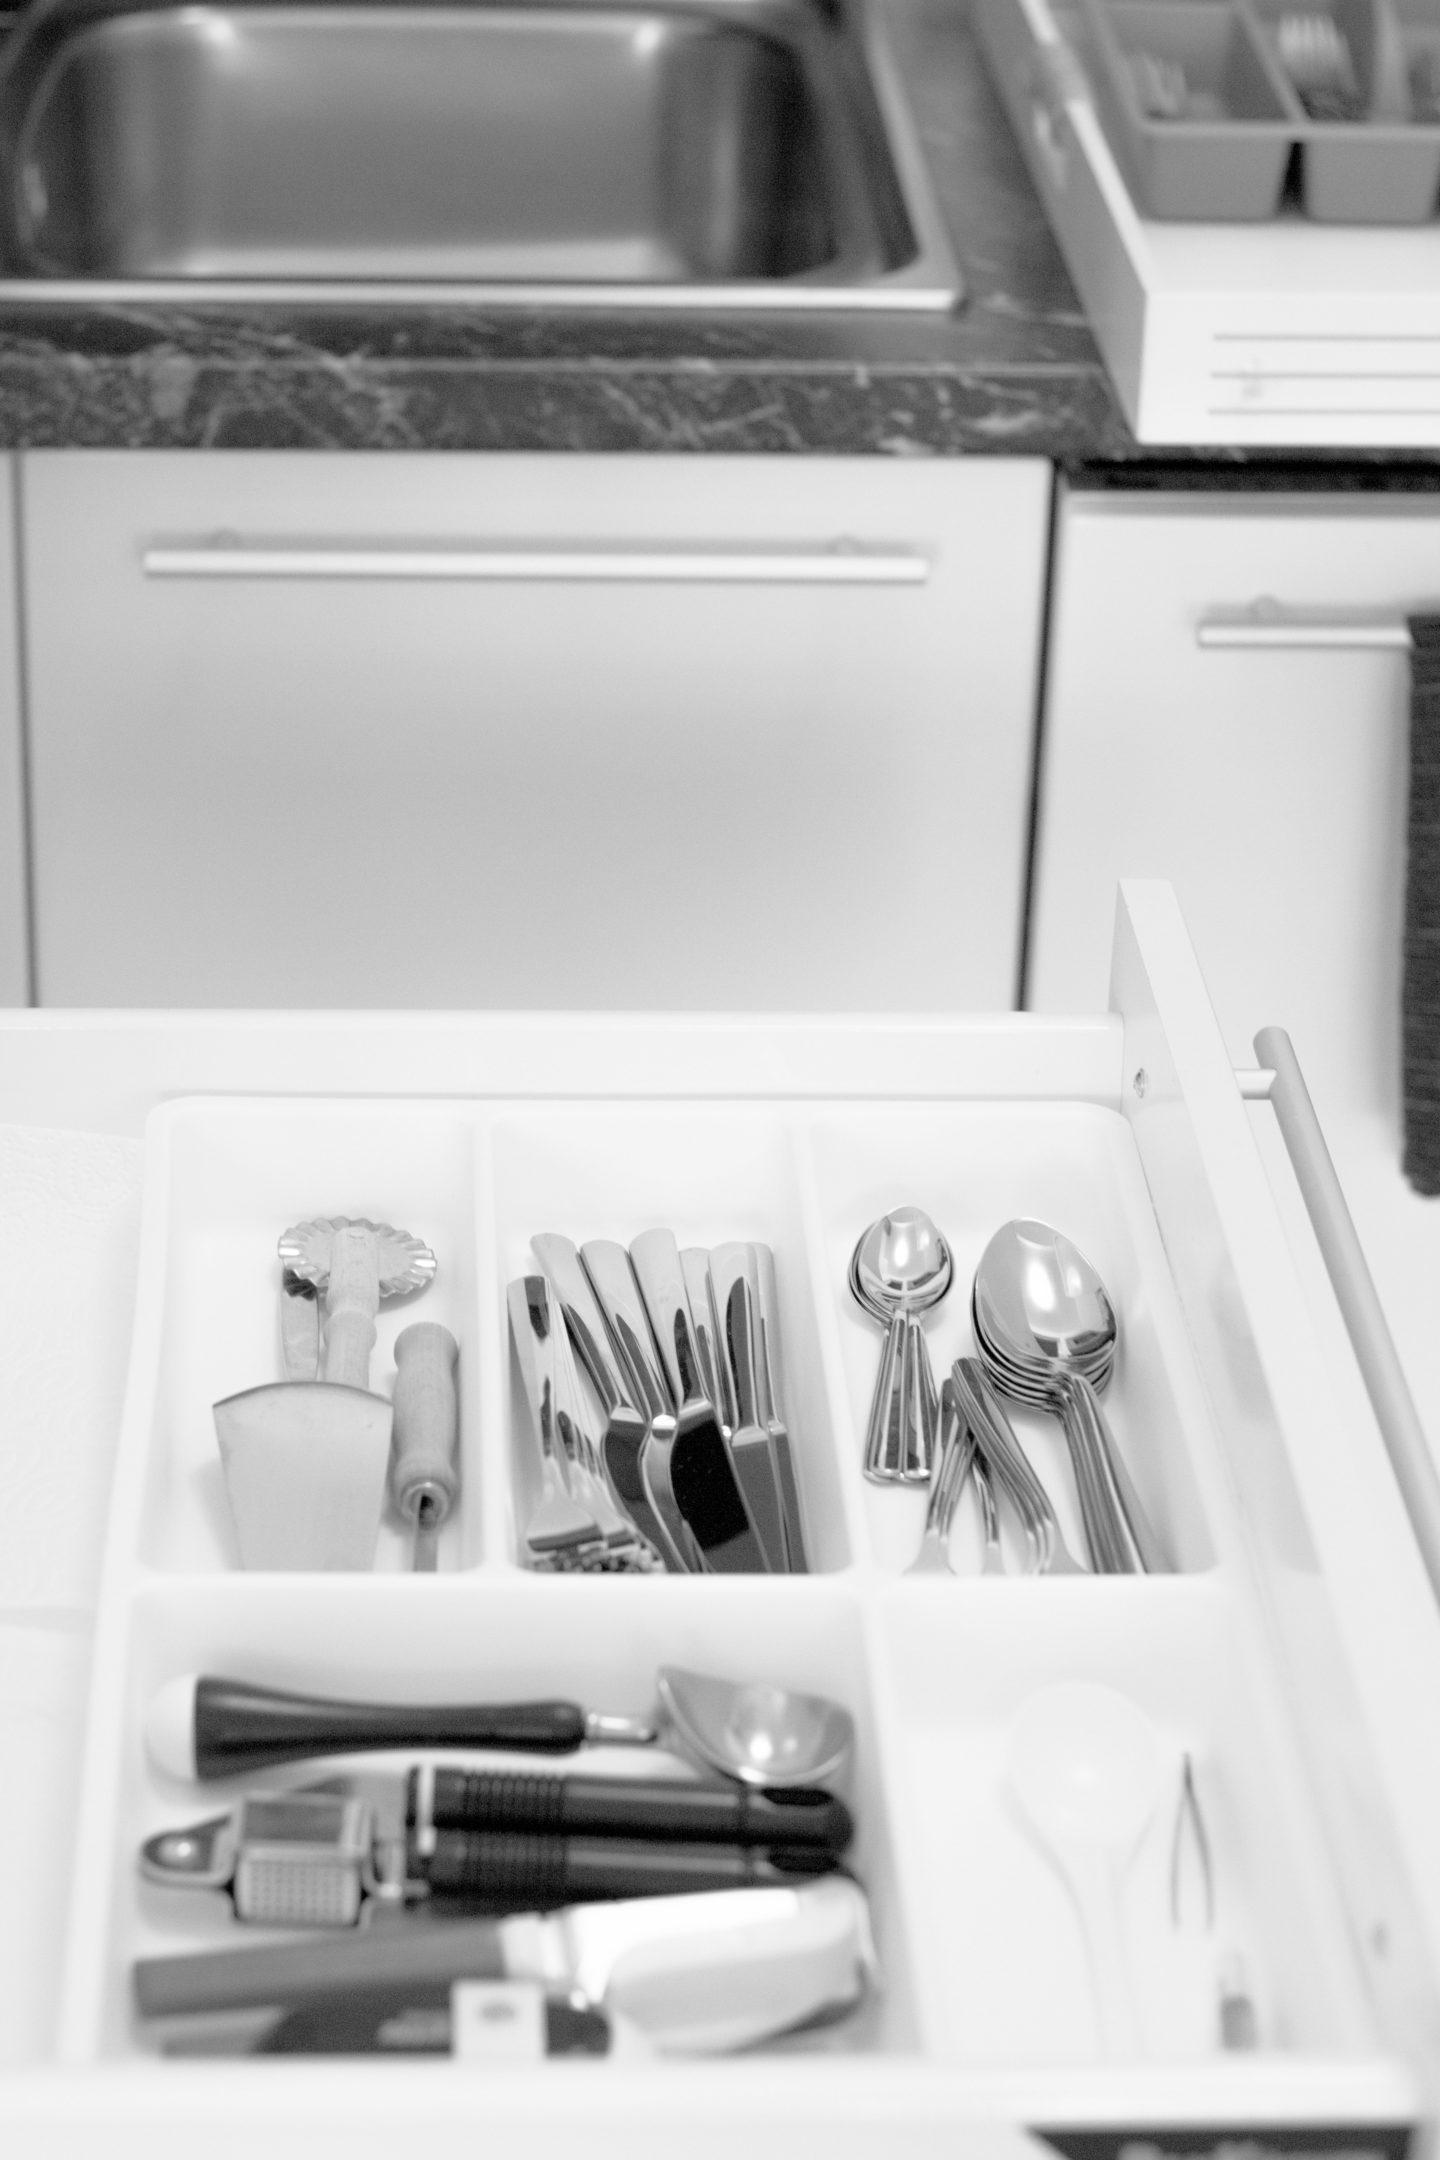 Messer Kuche Amazing Stck Kchenmesser Kochmesser Messer Kche Ansehen Von Siehe Mehr With Messer